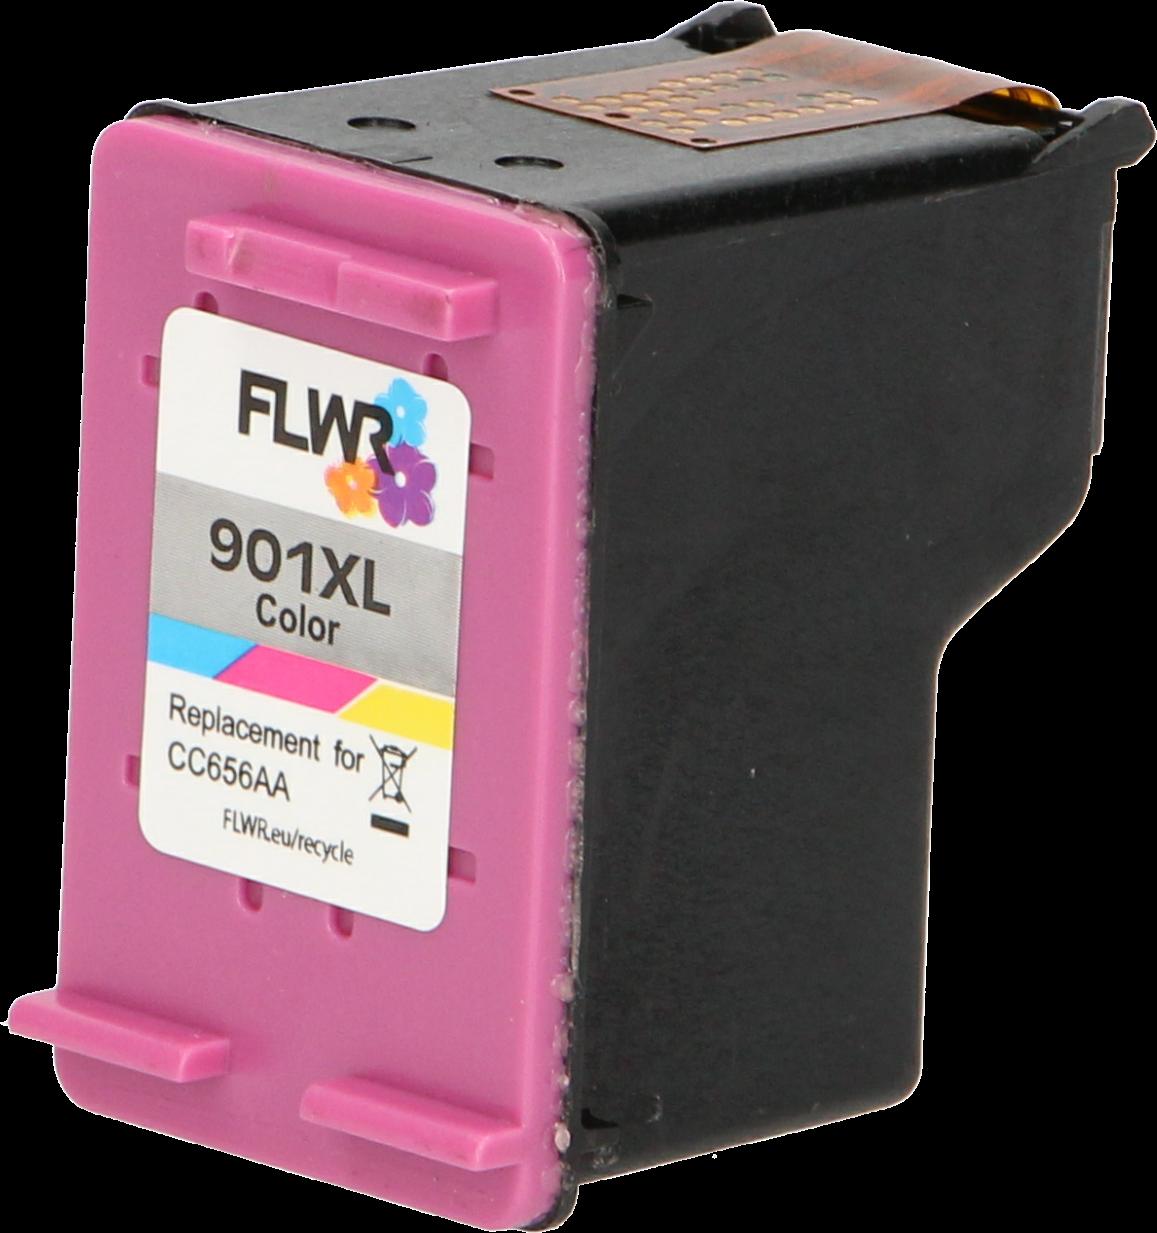 FLWR HP 901XL kleur